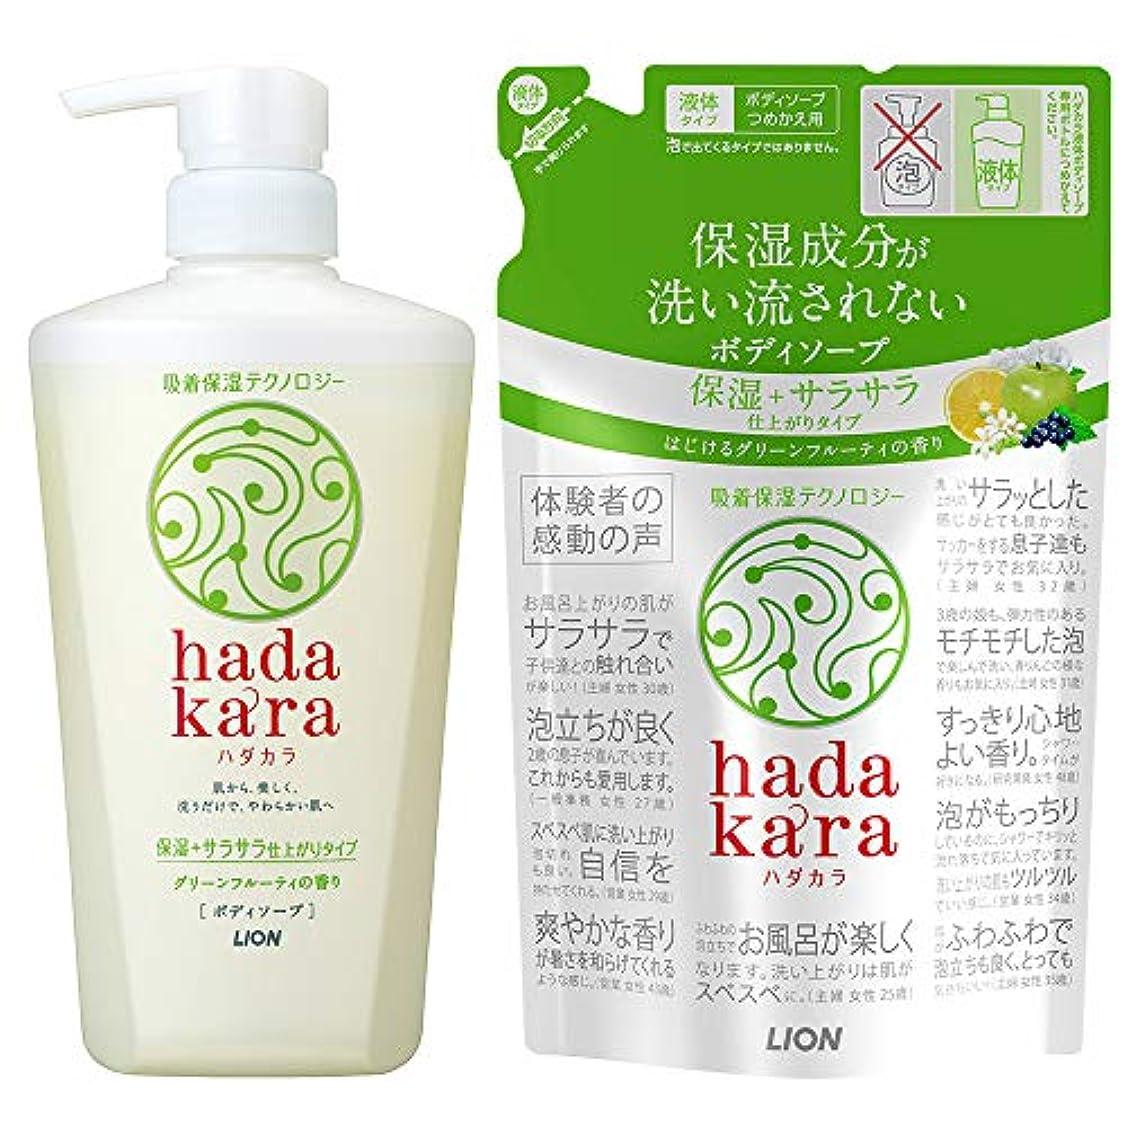 道徳のより良い簡潔なhadakara(ハダカラ)ボディソープ 保湿+サラサラ仕上がりタイプ グリーンフルーティの香り (本体480ml+つめかえ340ml)